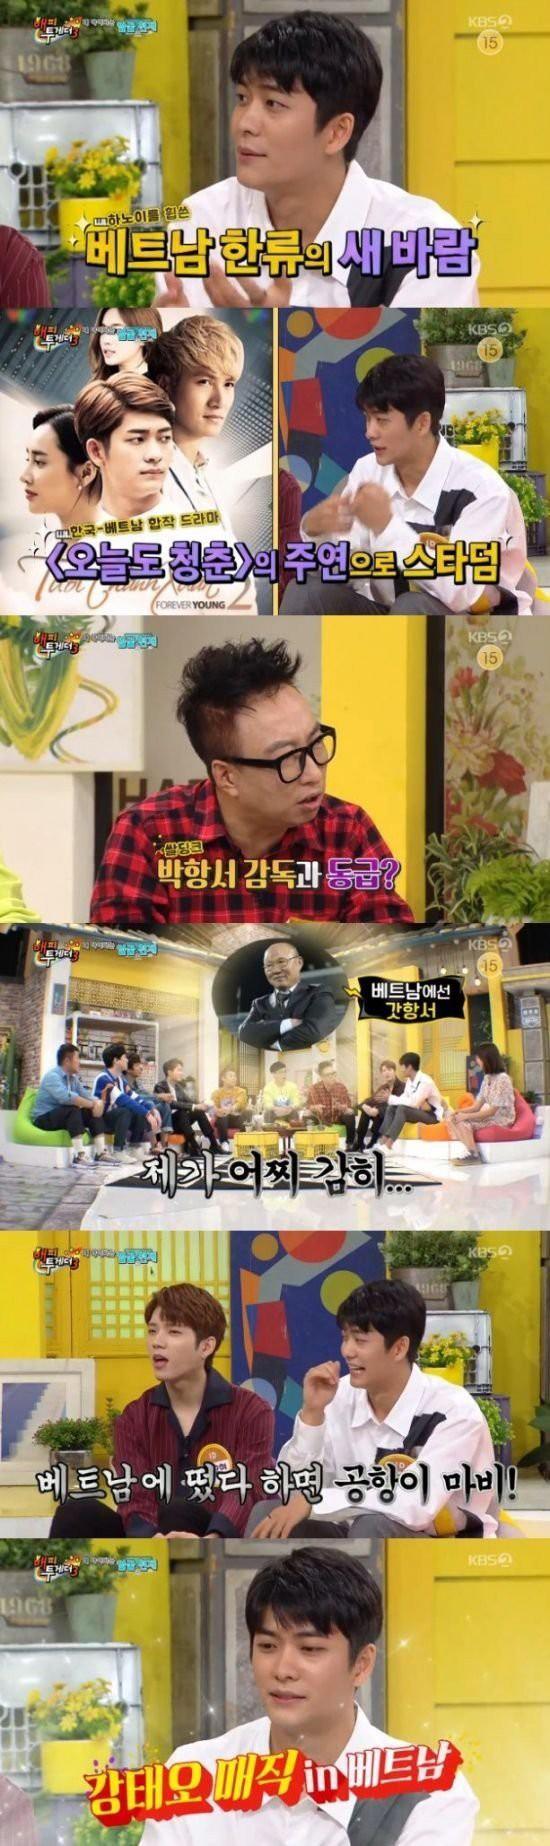 Nam diễn viên Tuổi thanh xuân nói về HLV Park Hang Seo trên show Hàn Quốc: Ông ấy như một vị thần tại Việt Nam - Ảnh 1.